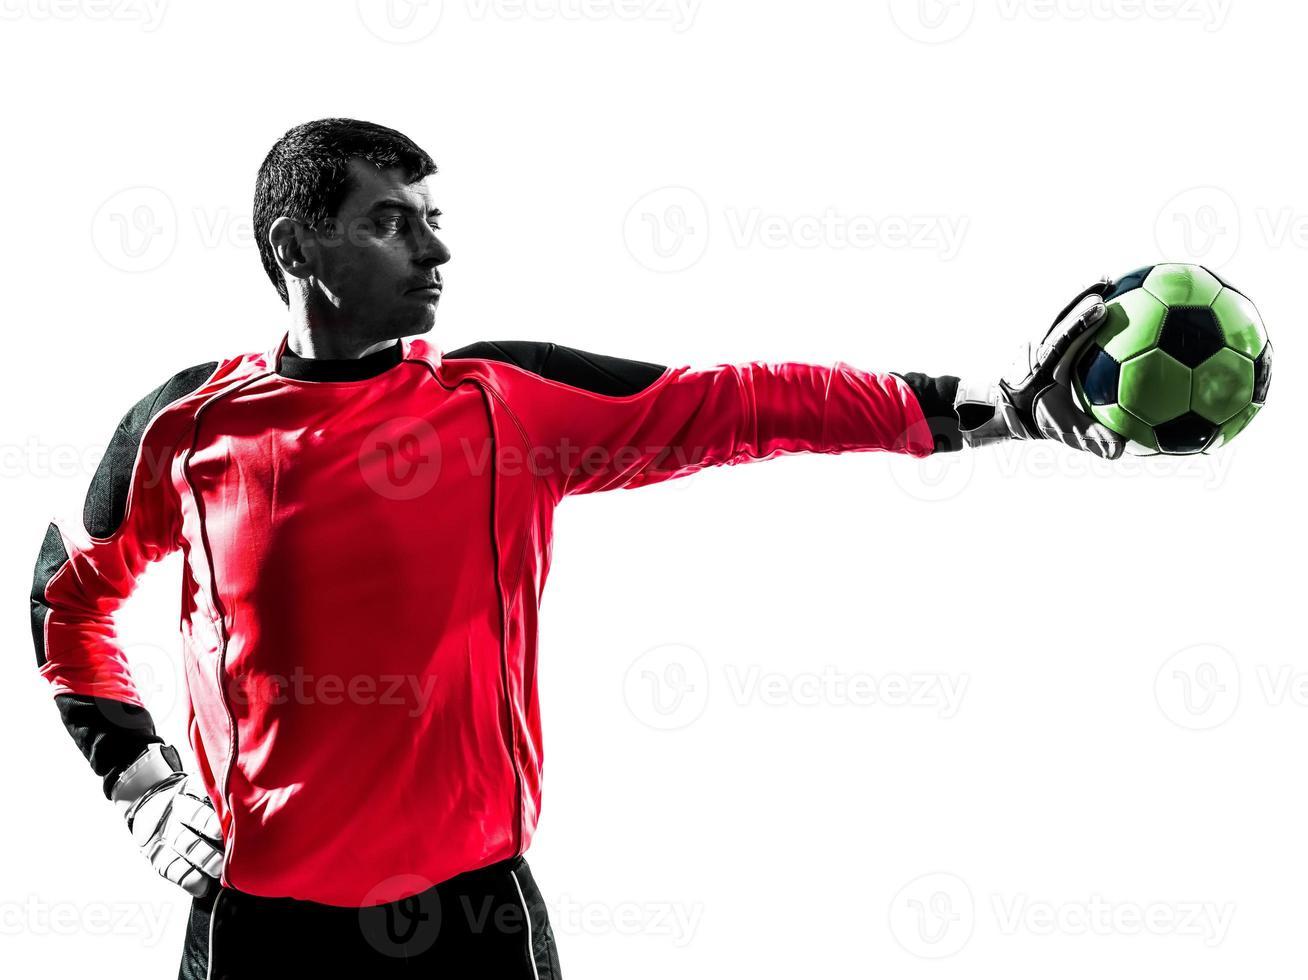 kaukasischer Fußballspieler Torhüter Mann stoppt Ball eine Hand s foto